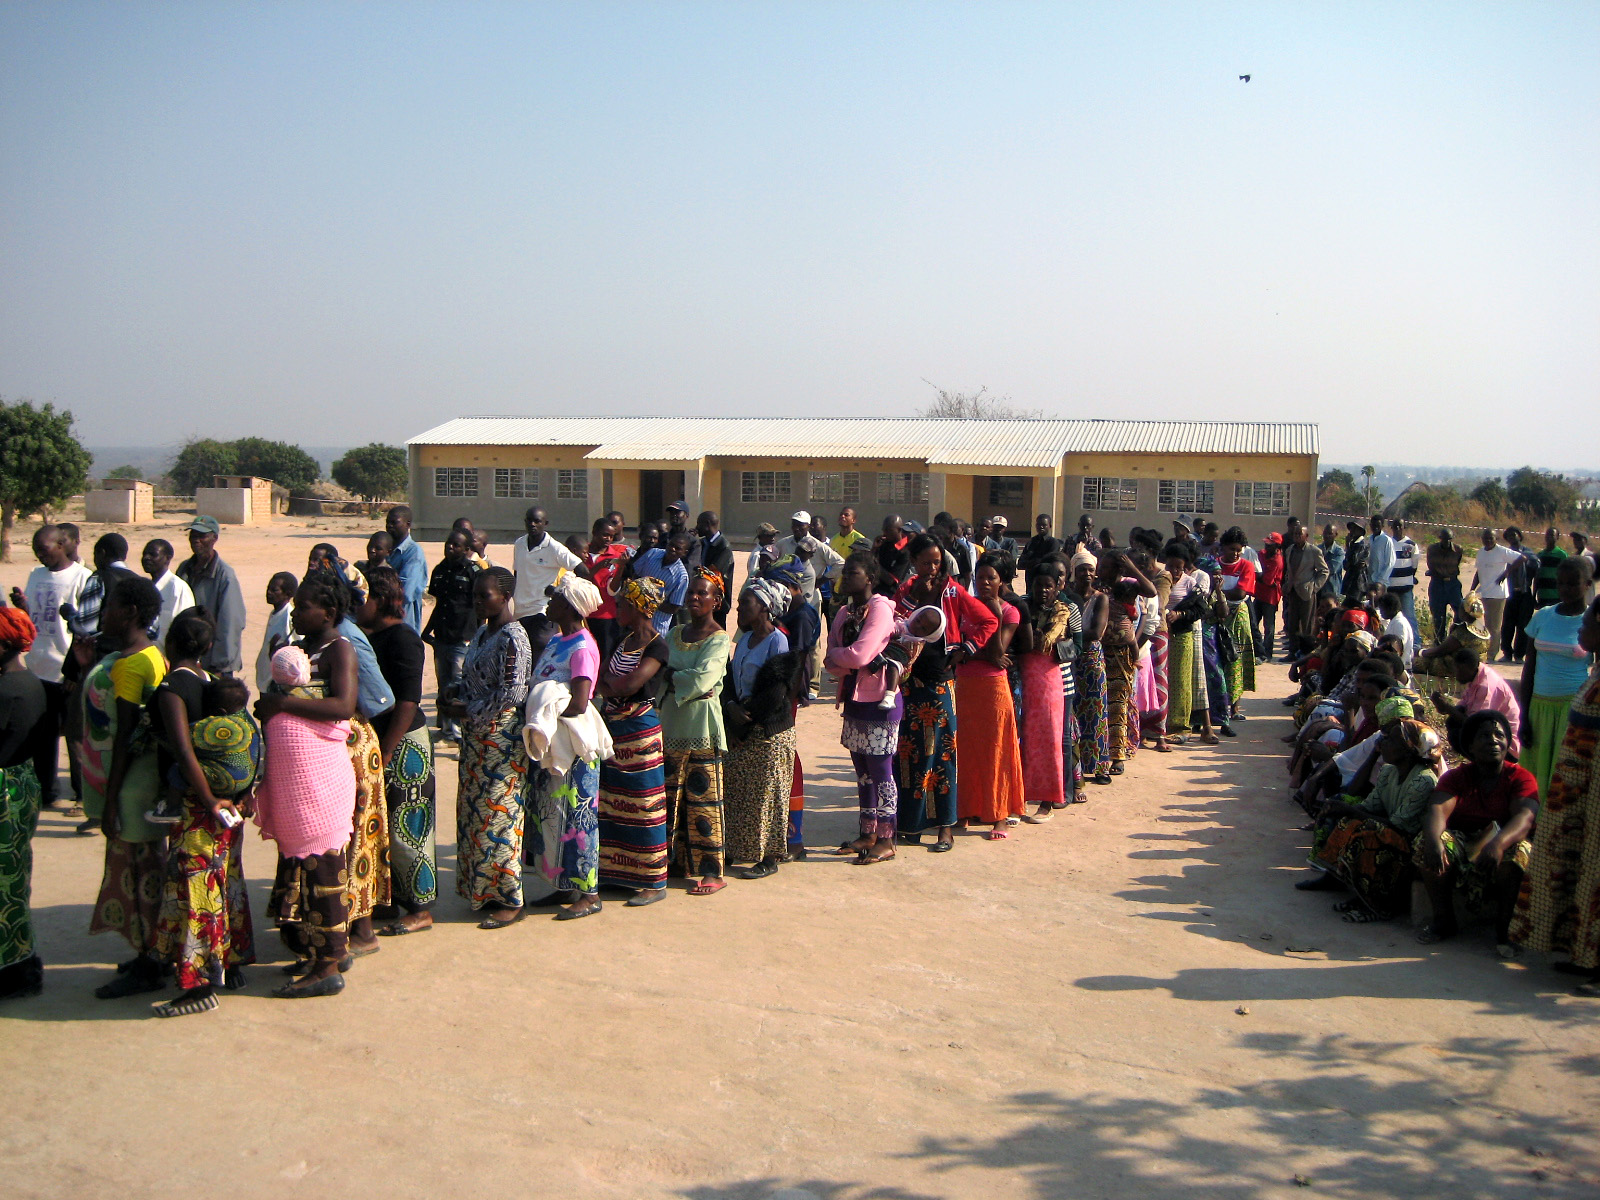 Wählerinnen und Wähler bei den Präsidentschaftswahlen 2011 in Sambia